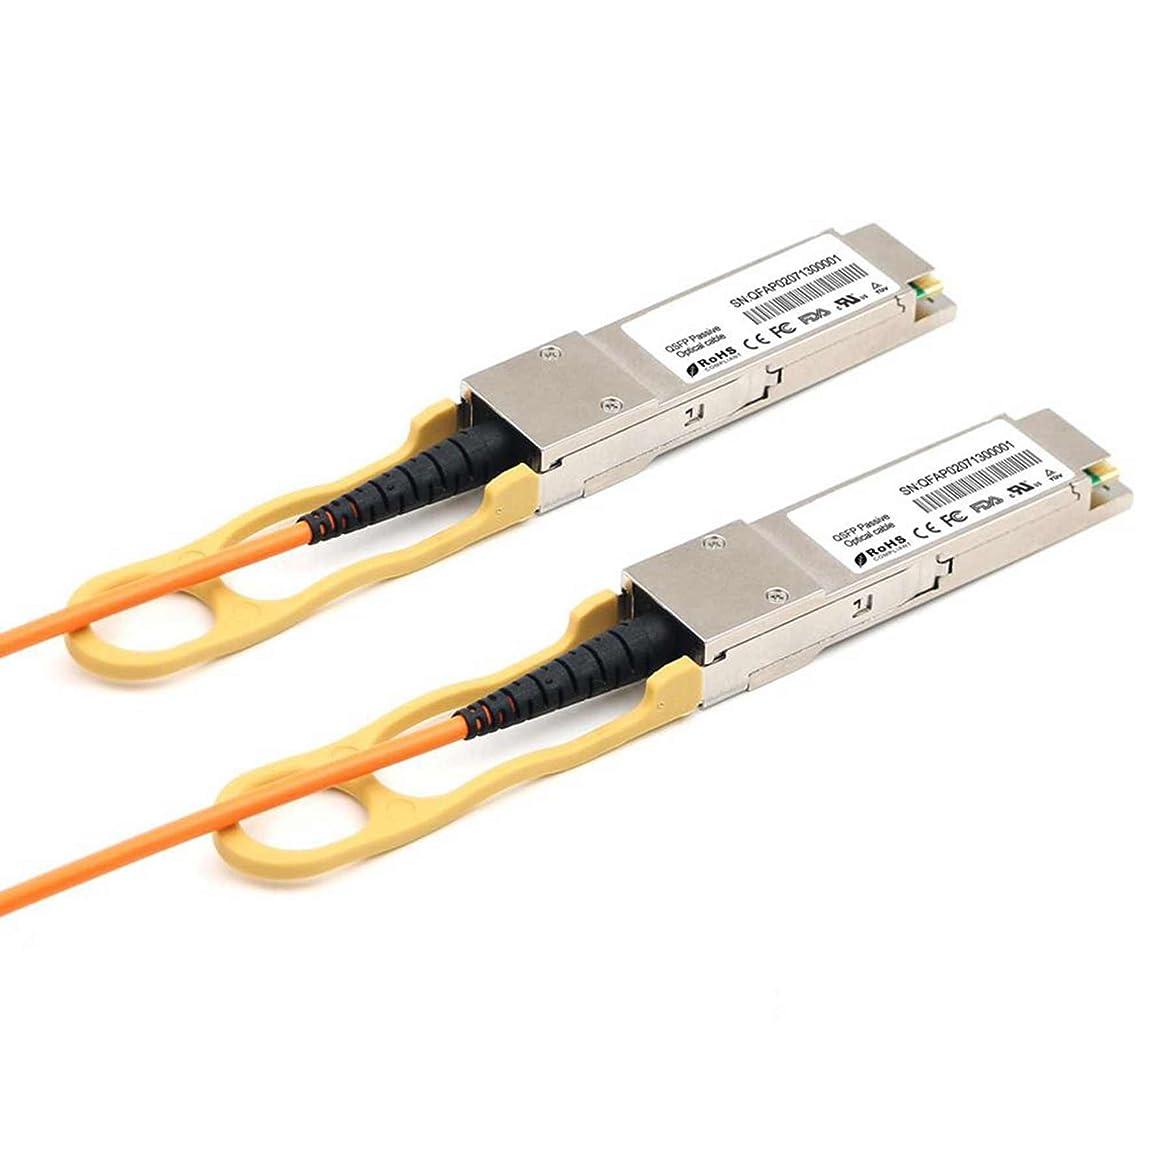 旧正月後方に尊敬するLODFIBER 40G-QSFP-QSFP-AOC-5001 Brocade対応互換 50M 40GBASE QSFP+ AOCアクティブ光ファイバケーブル